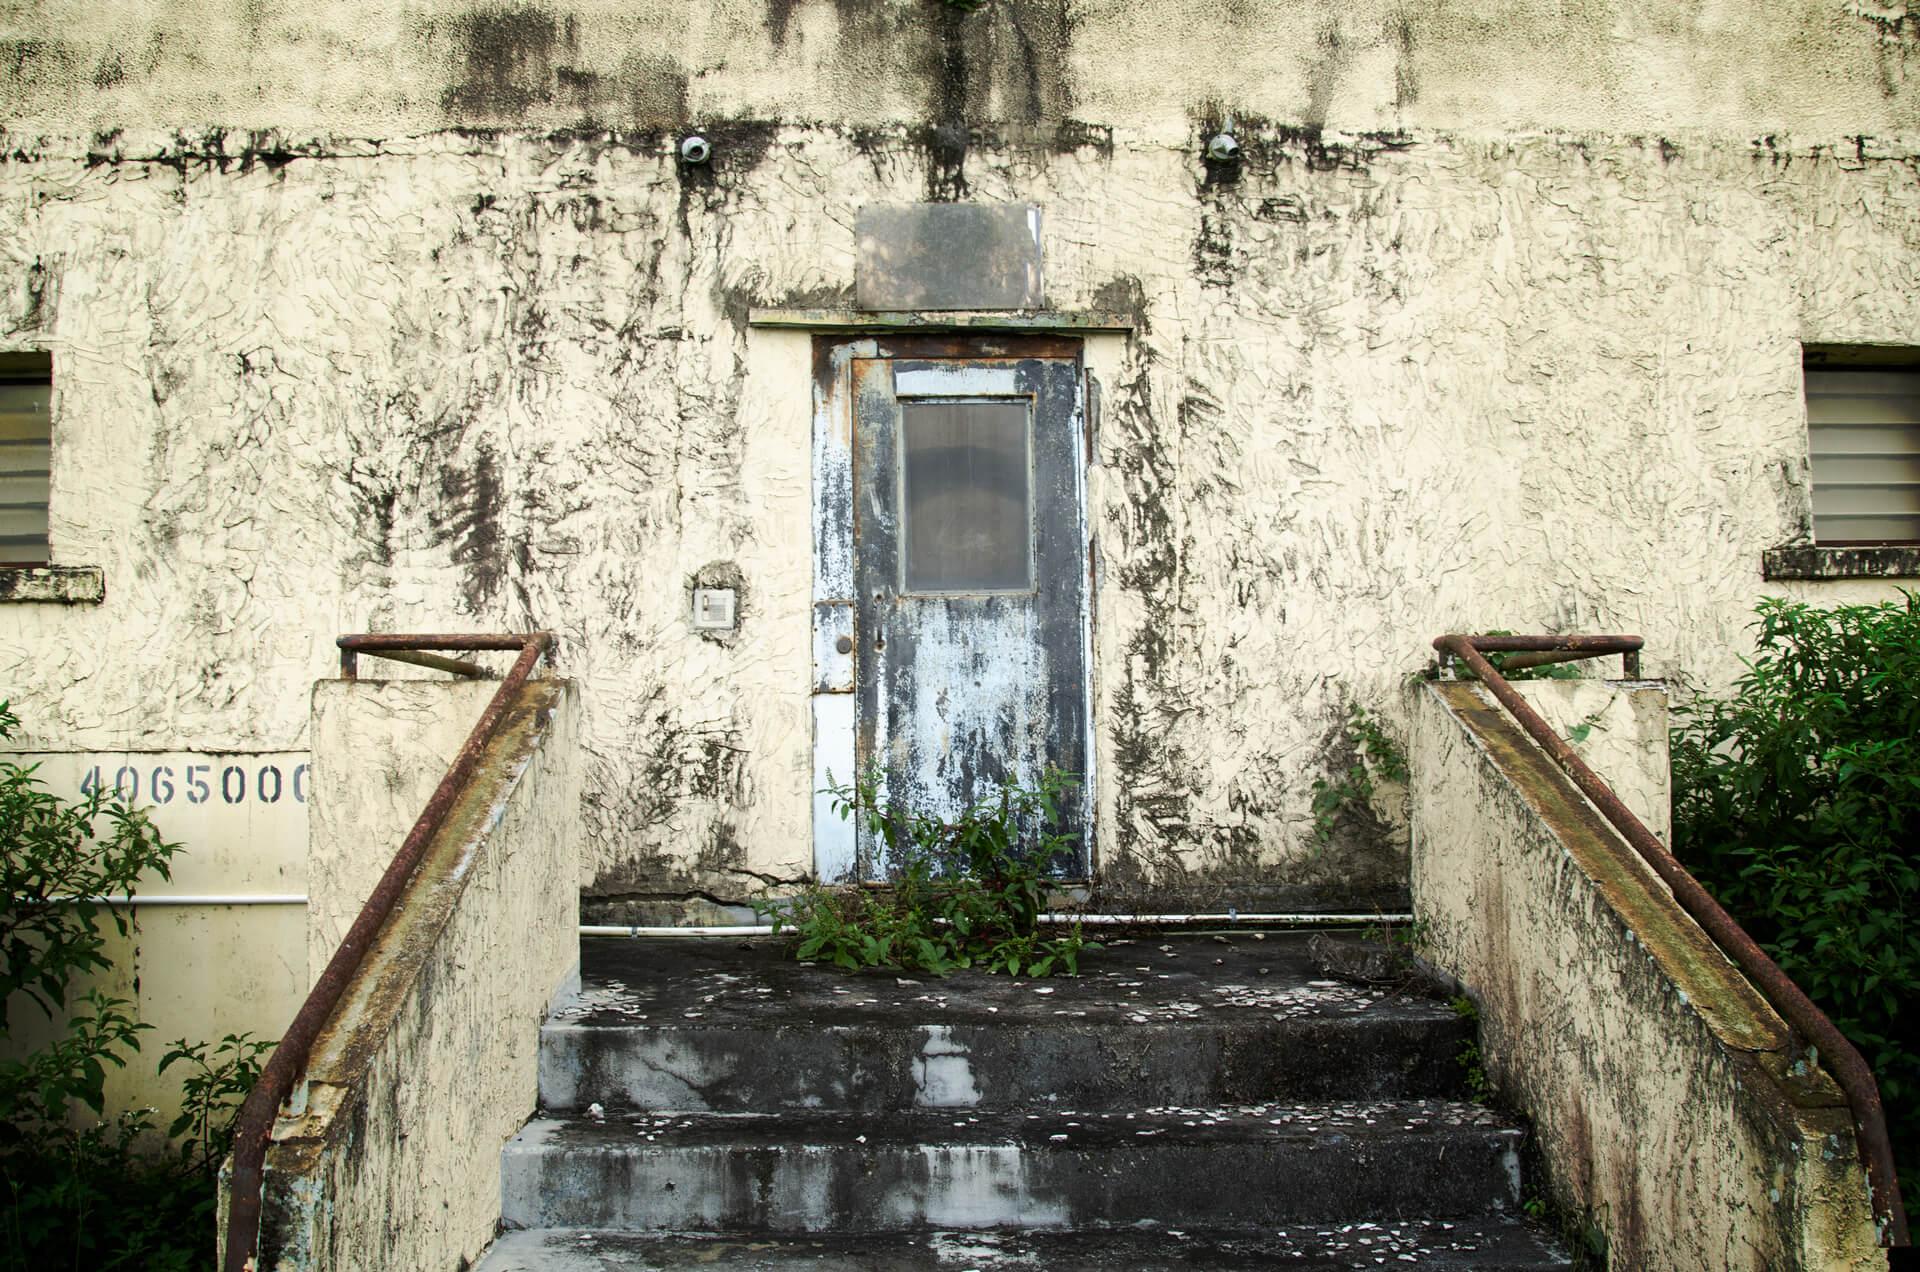 Prison Abandonedment